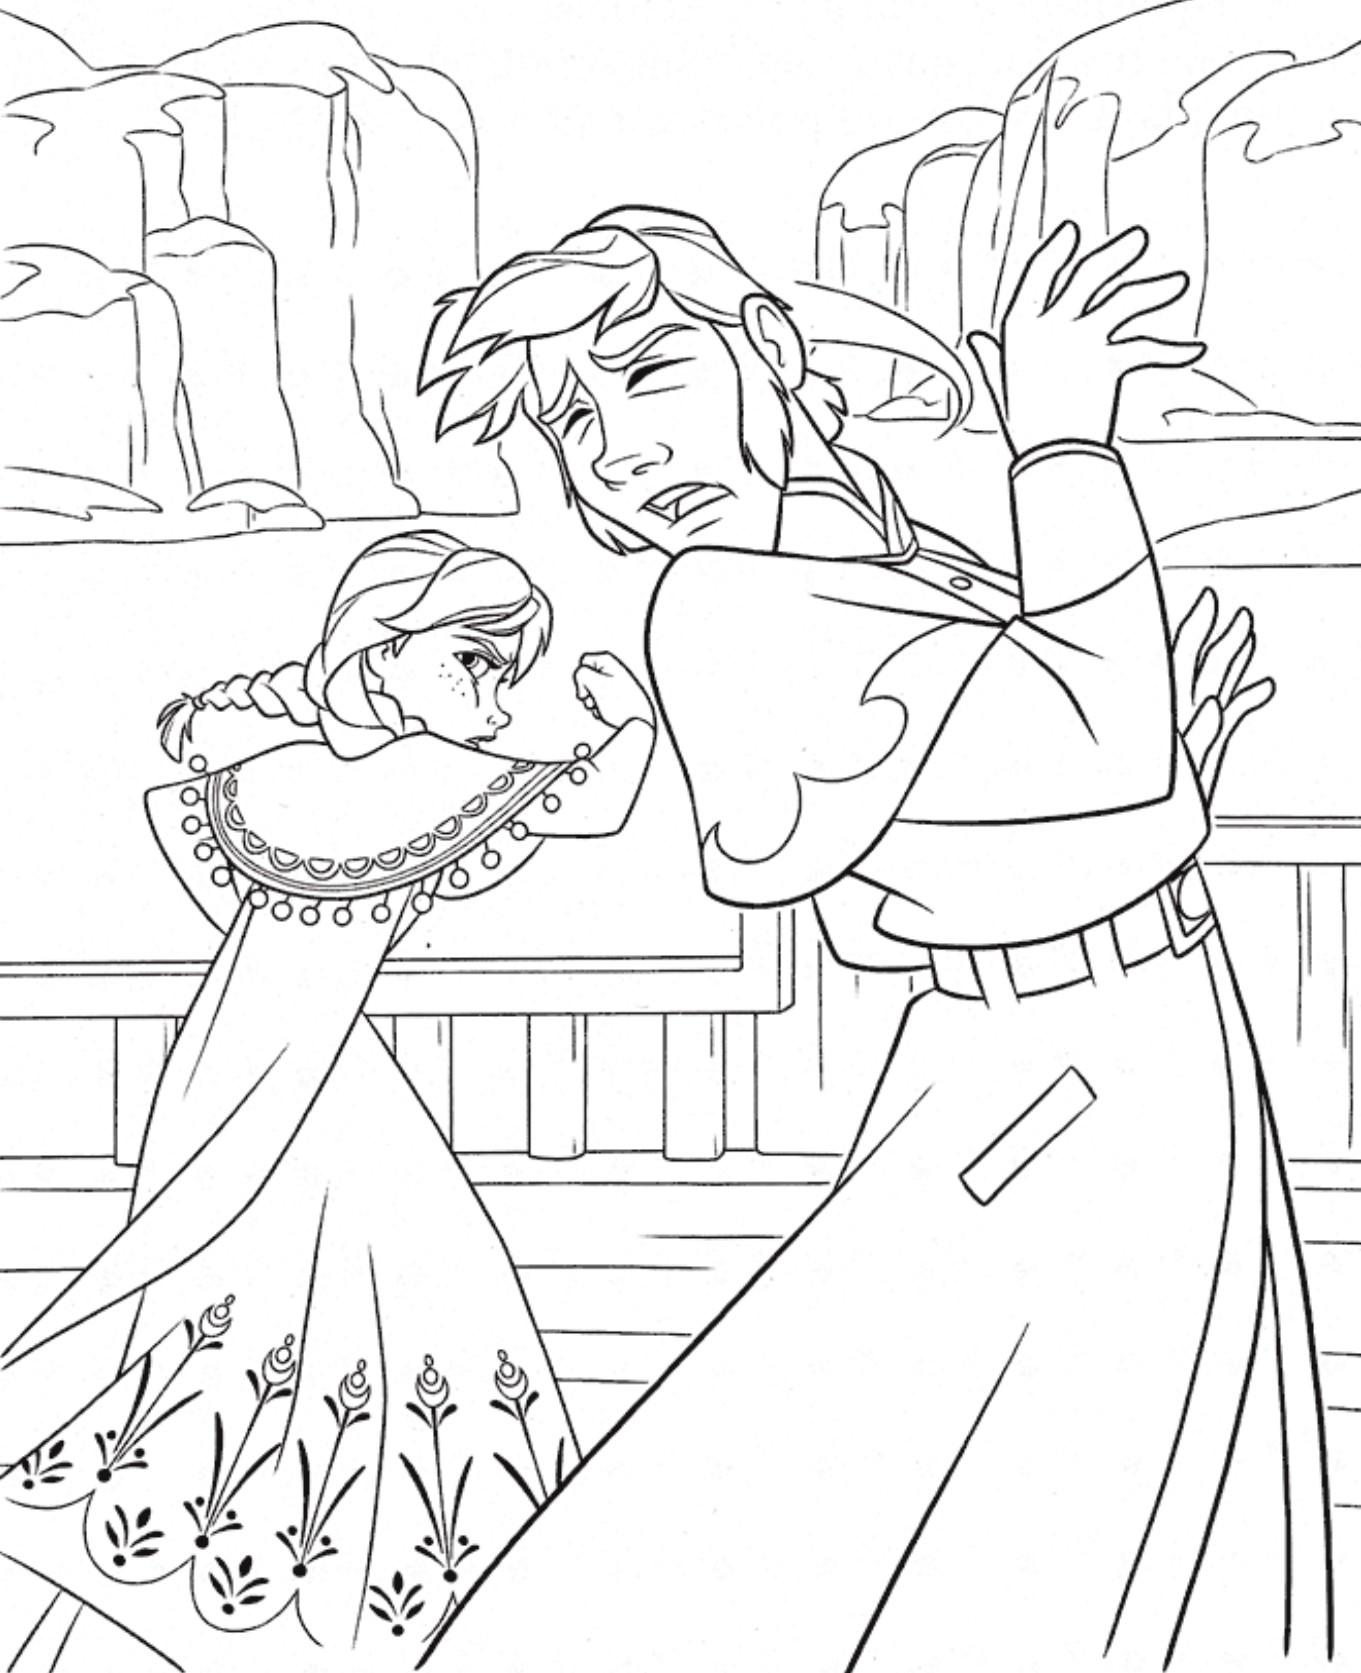 Tranh tô màu công chúa Elsa đáng yêu cực đẹp